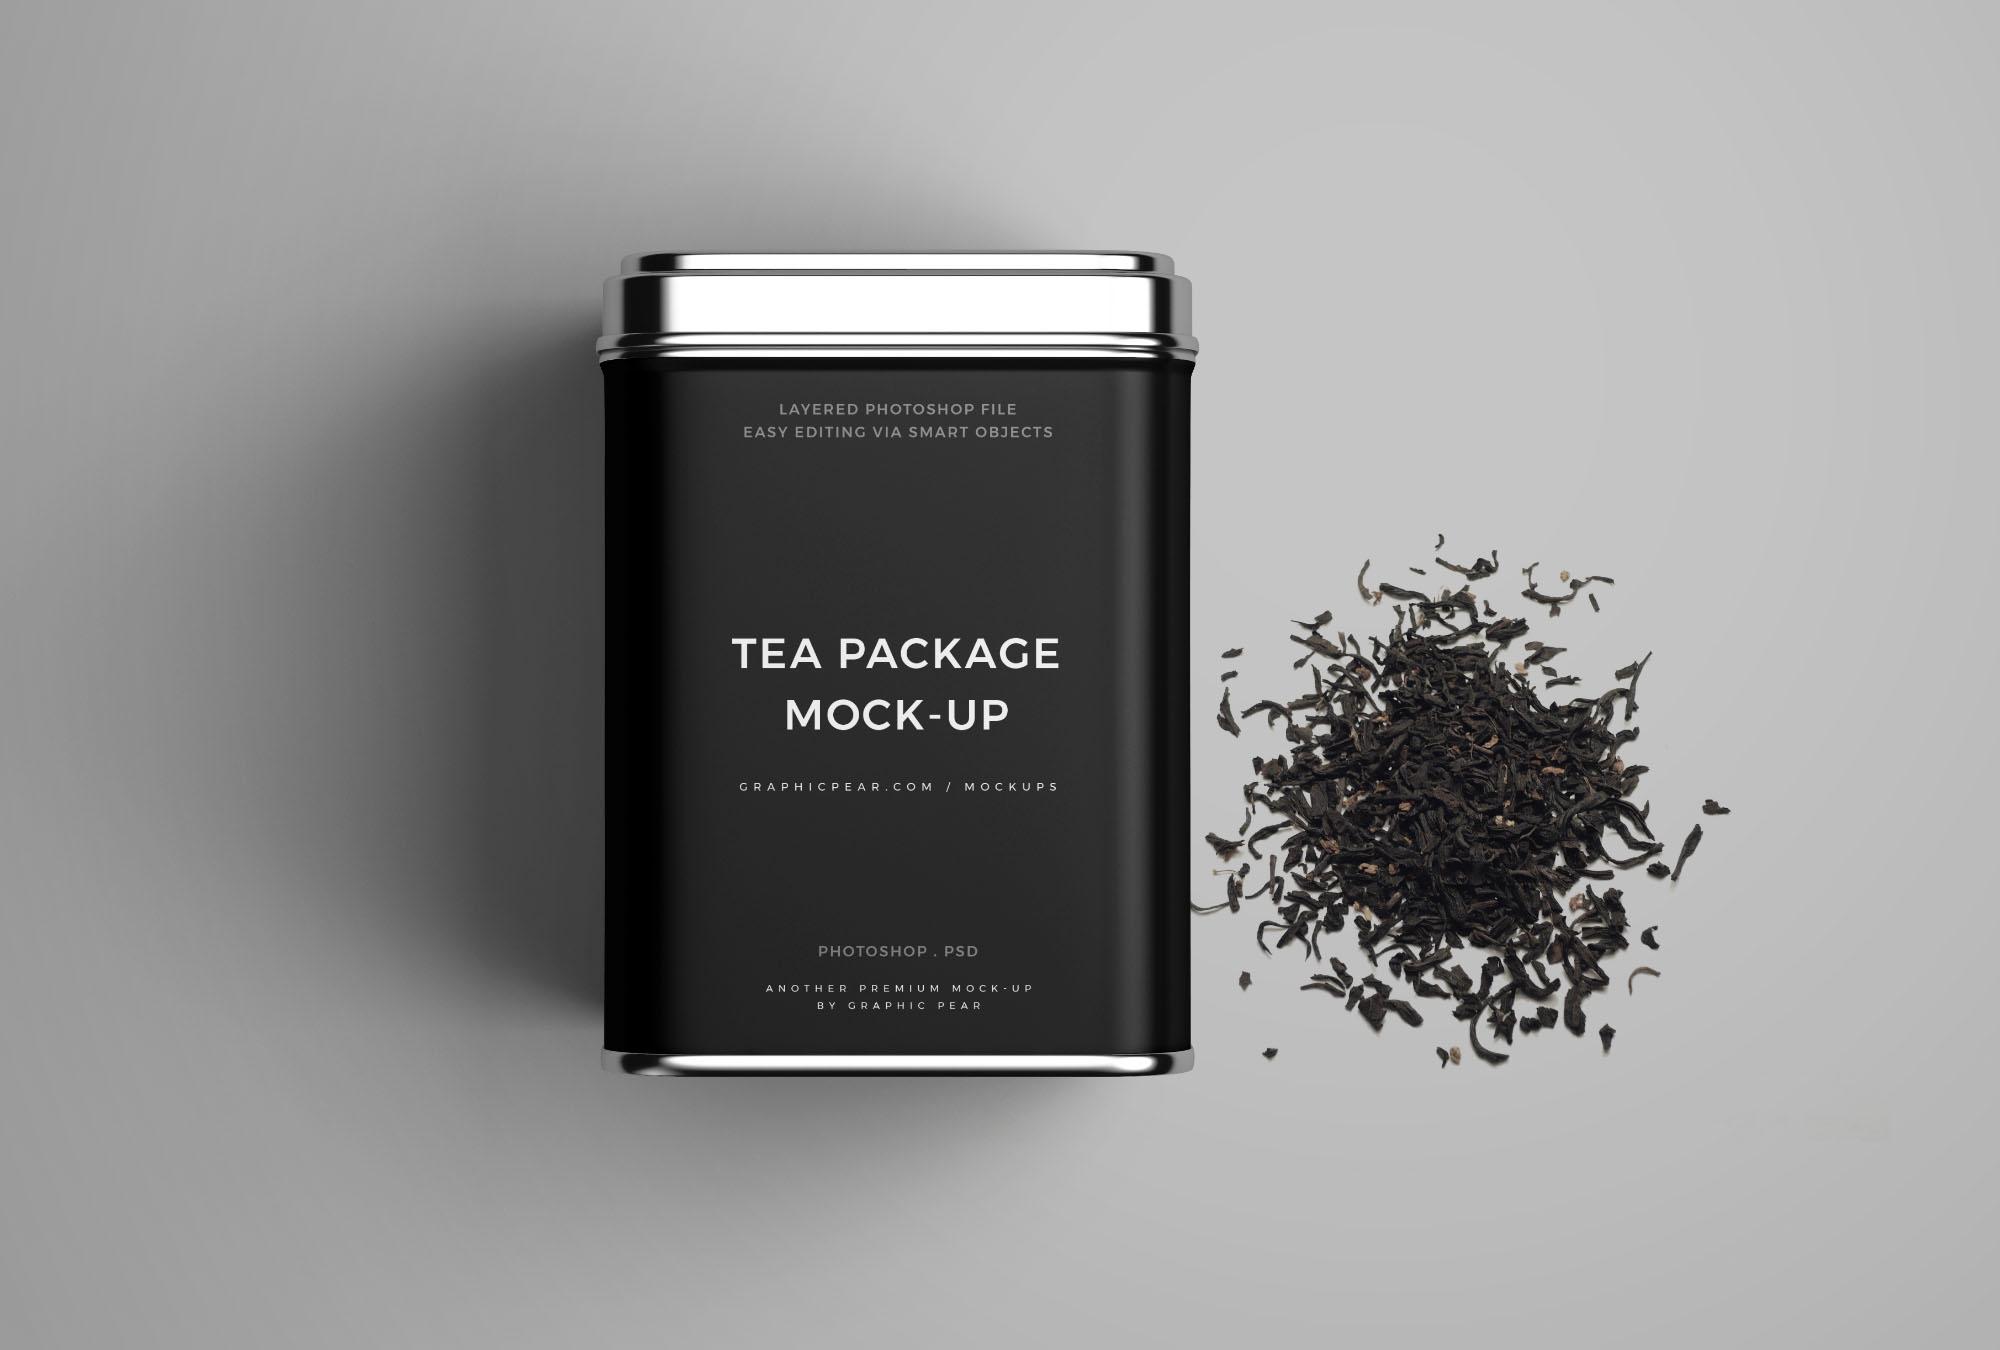 Tea Package Mockup